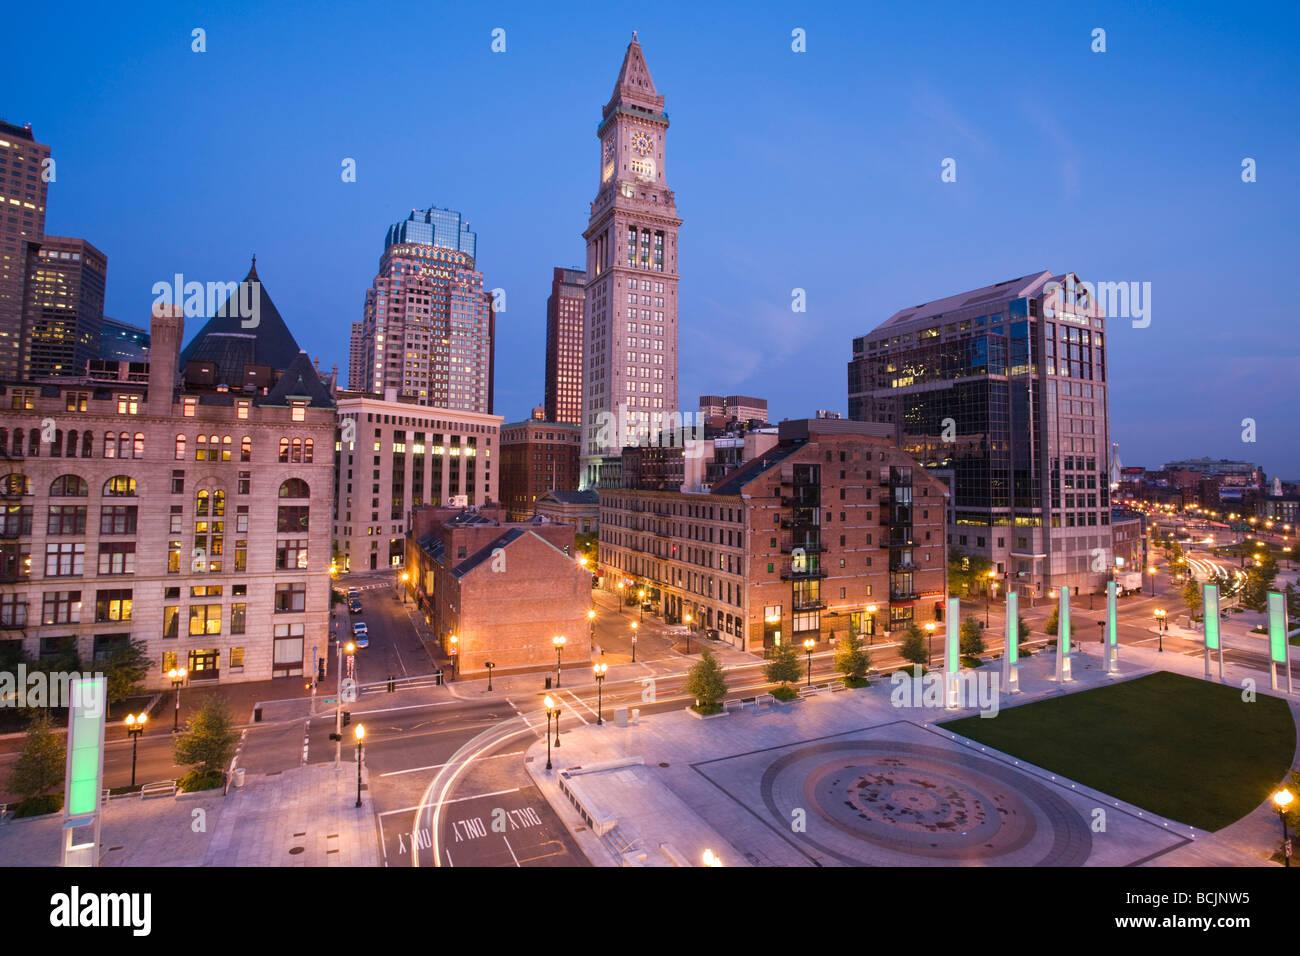 Stati Uniti d'America, Massachusetts, Boston, Atlantic Avenue Greenway e dogana Immagini Stock